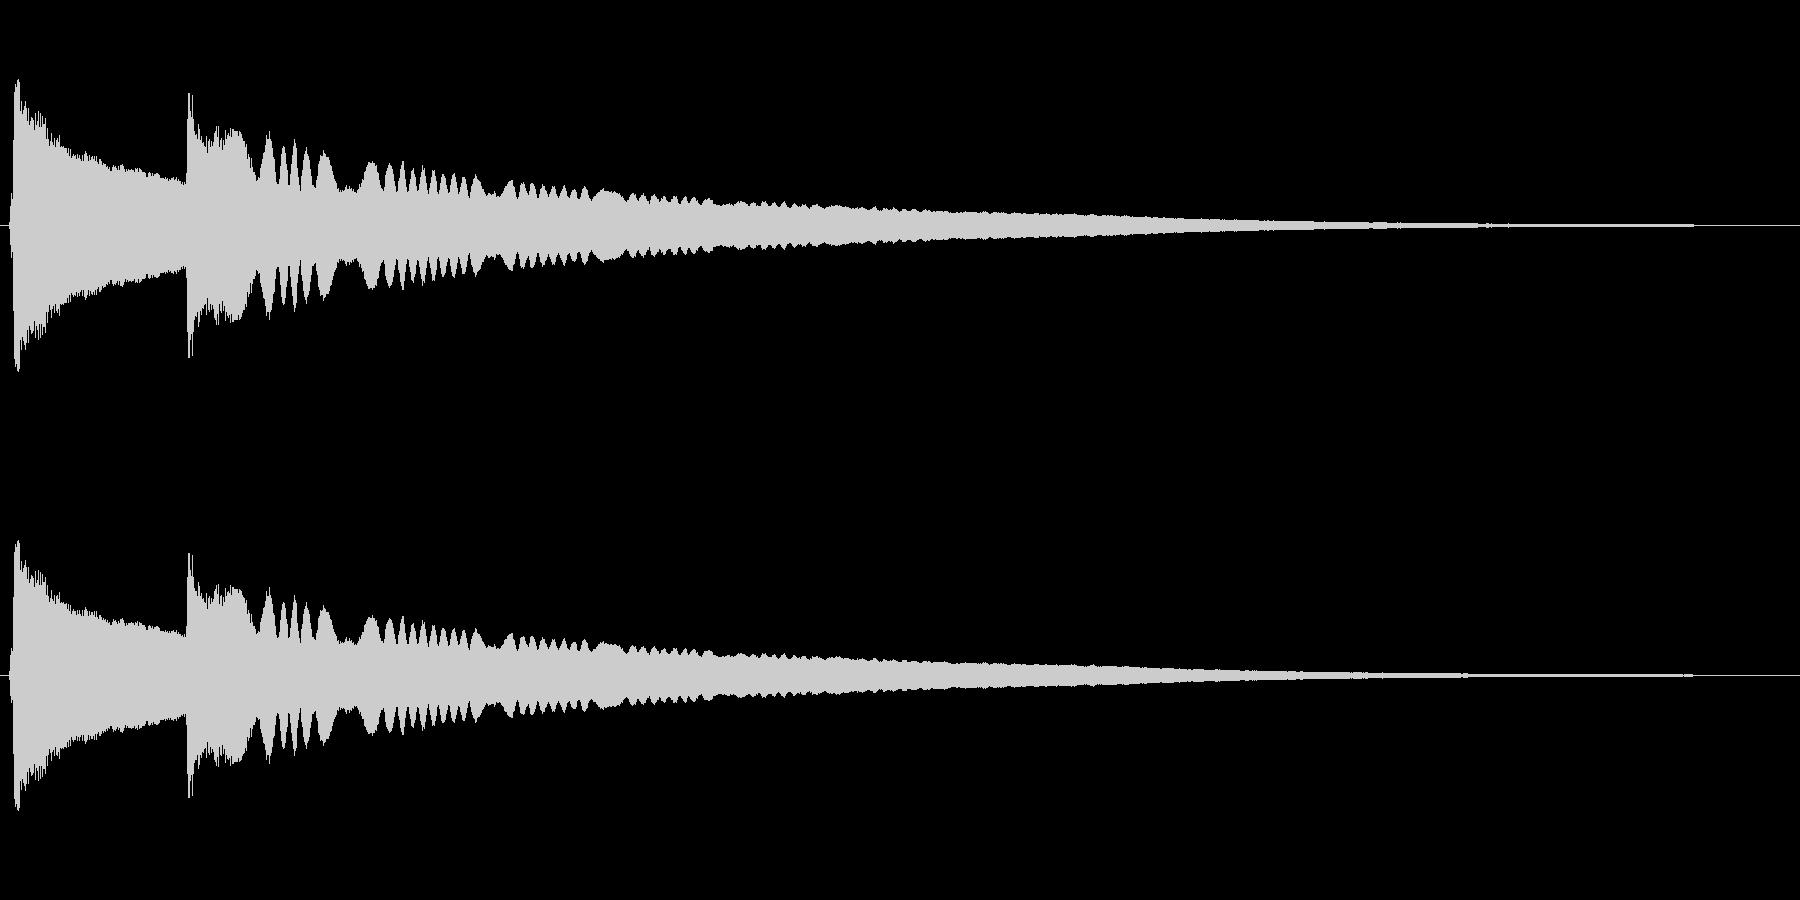 チリーンという風鈴の音の未再生の波形